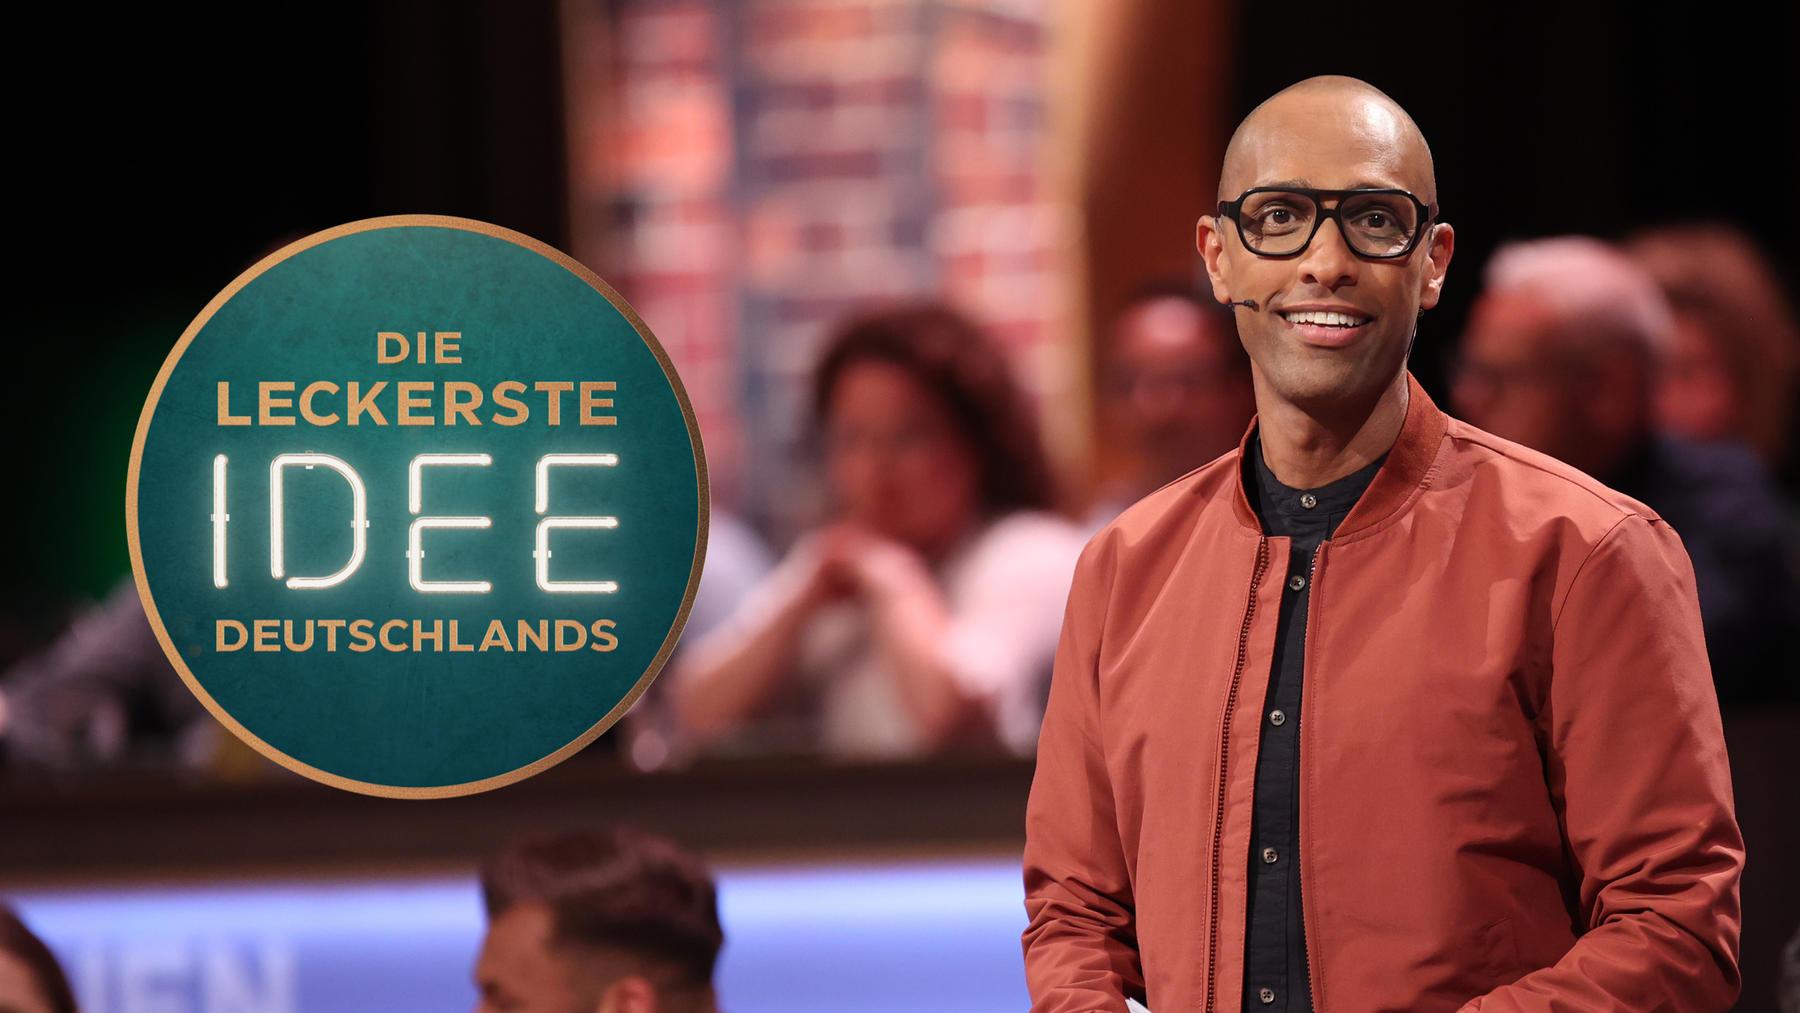 Die leckerste Idee Deutschlands